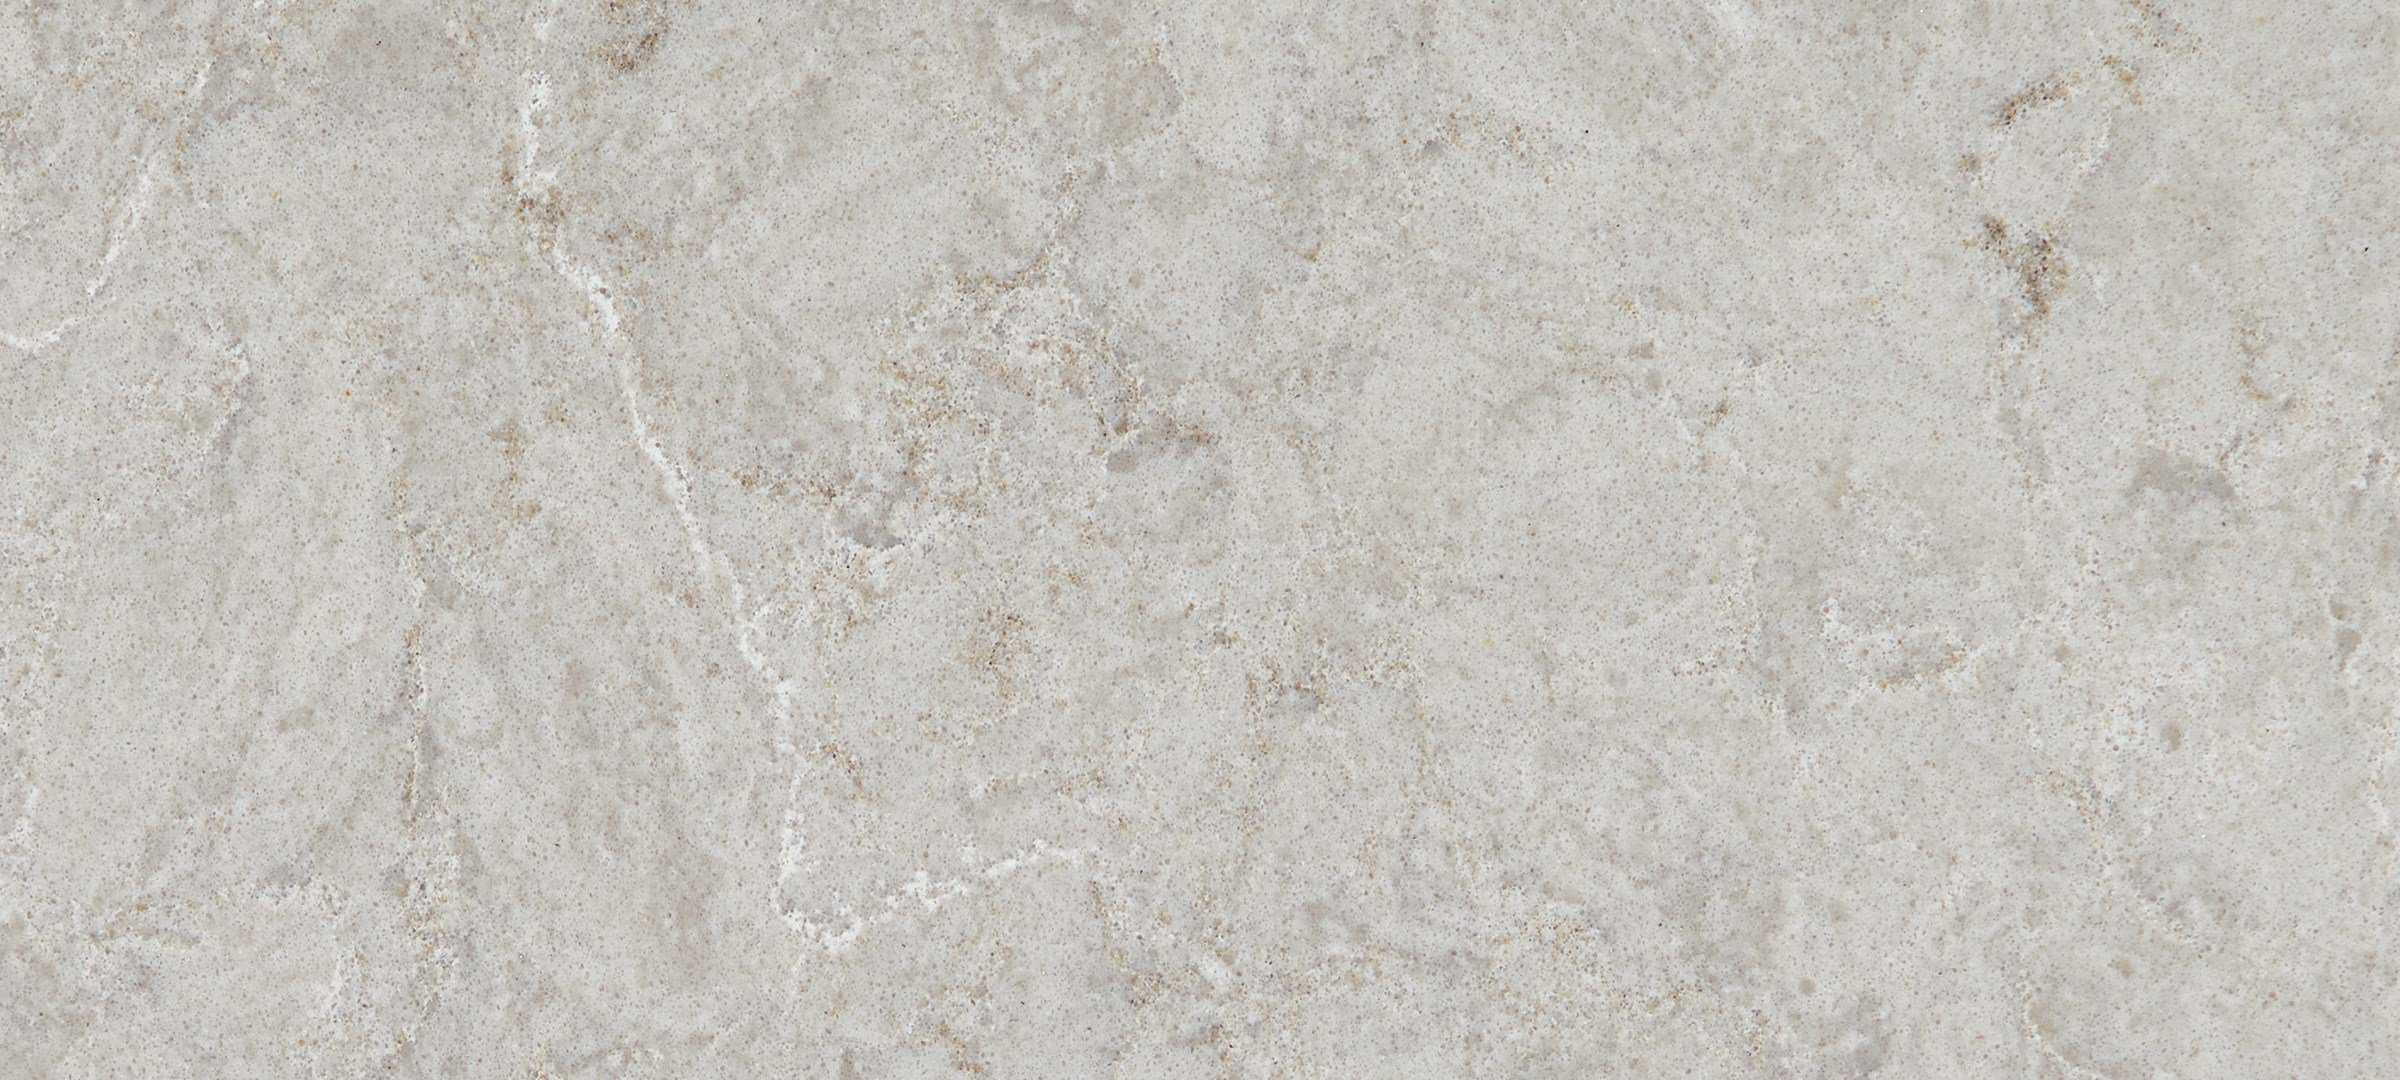 6131 Bianco Drift Caesarstone Quartz